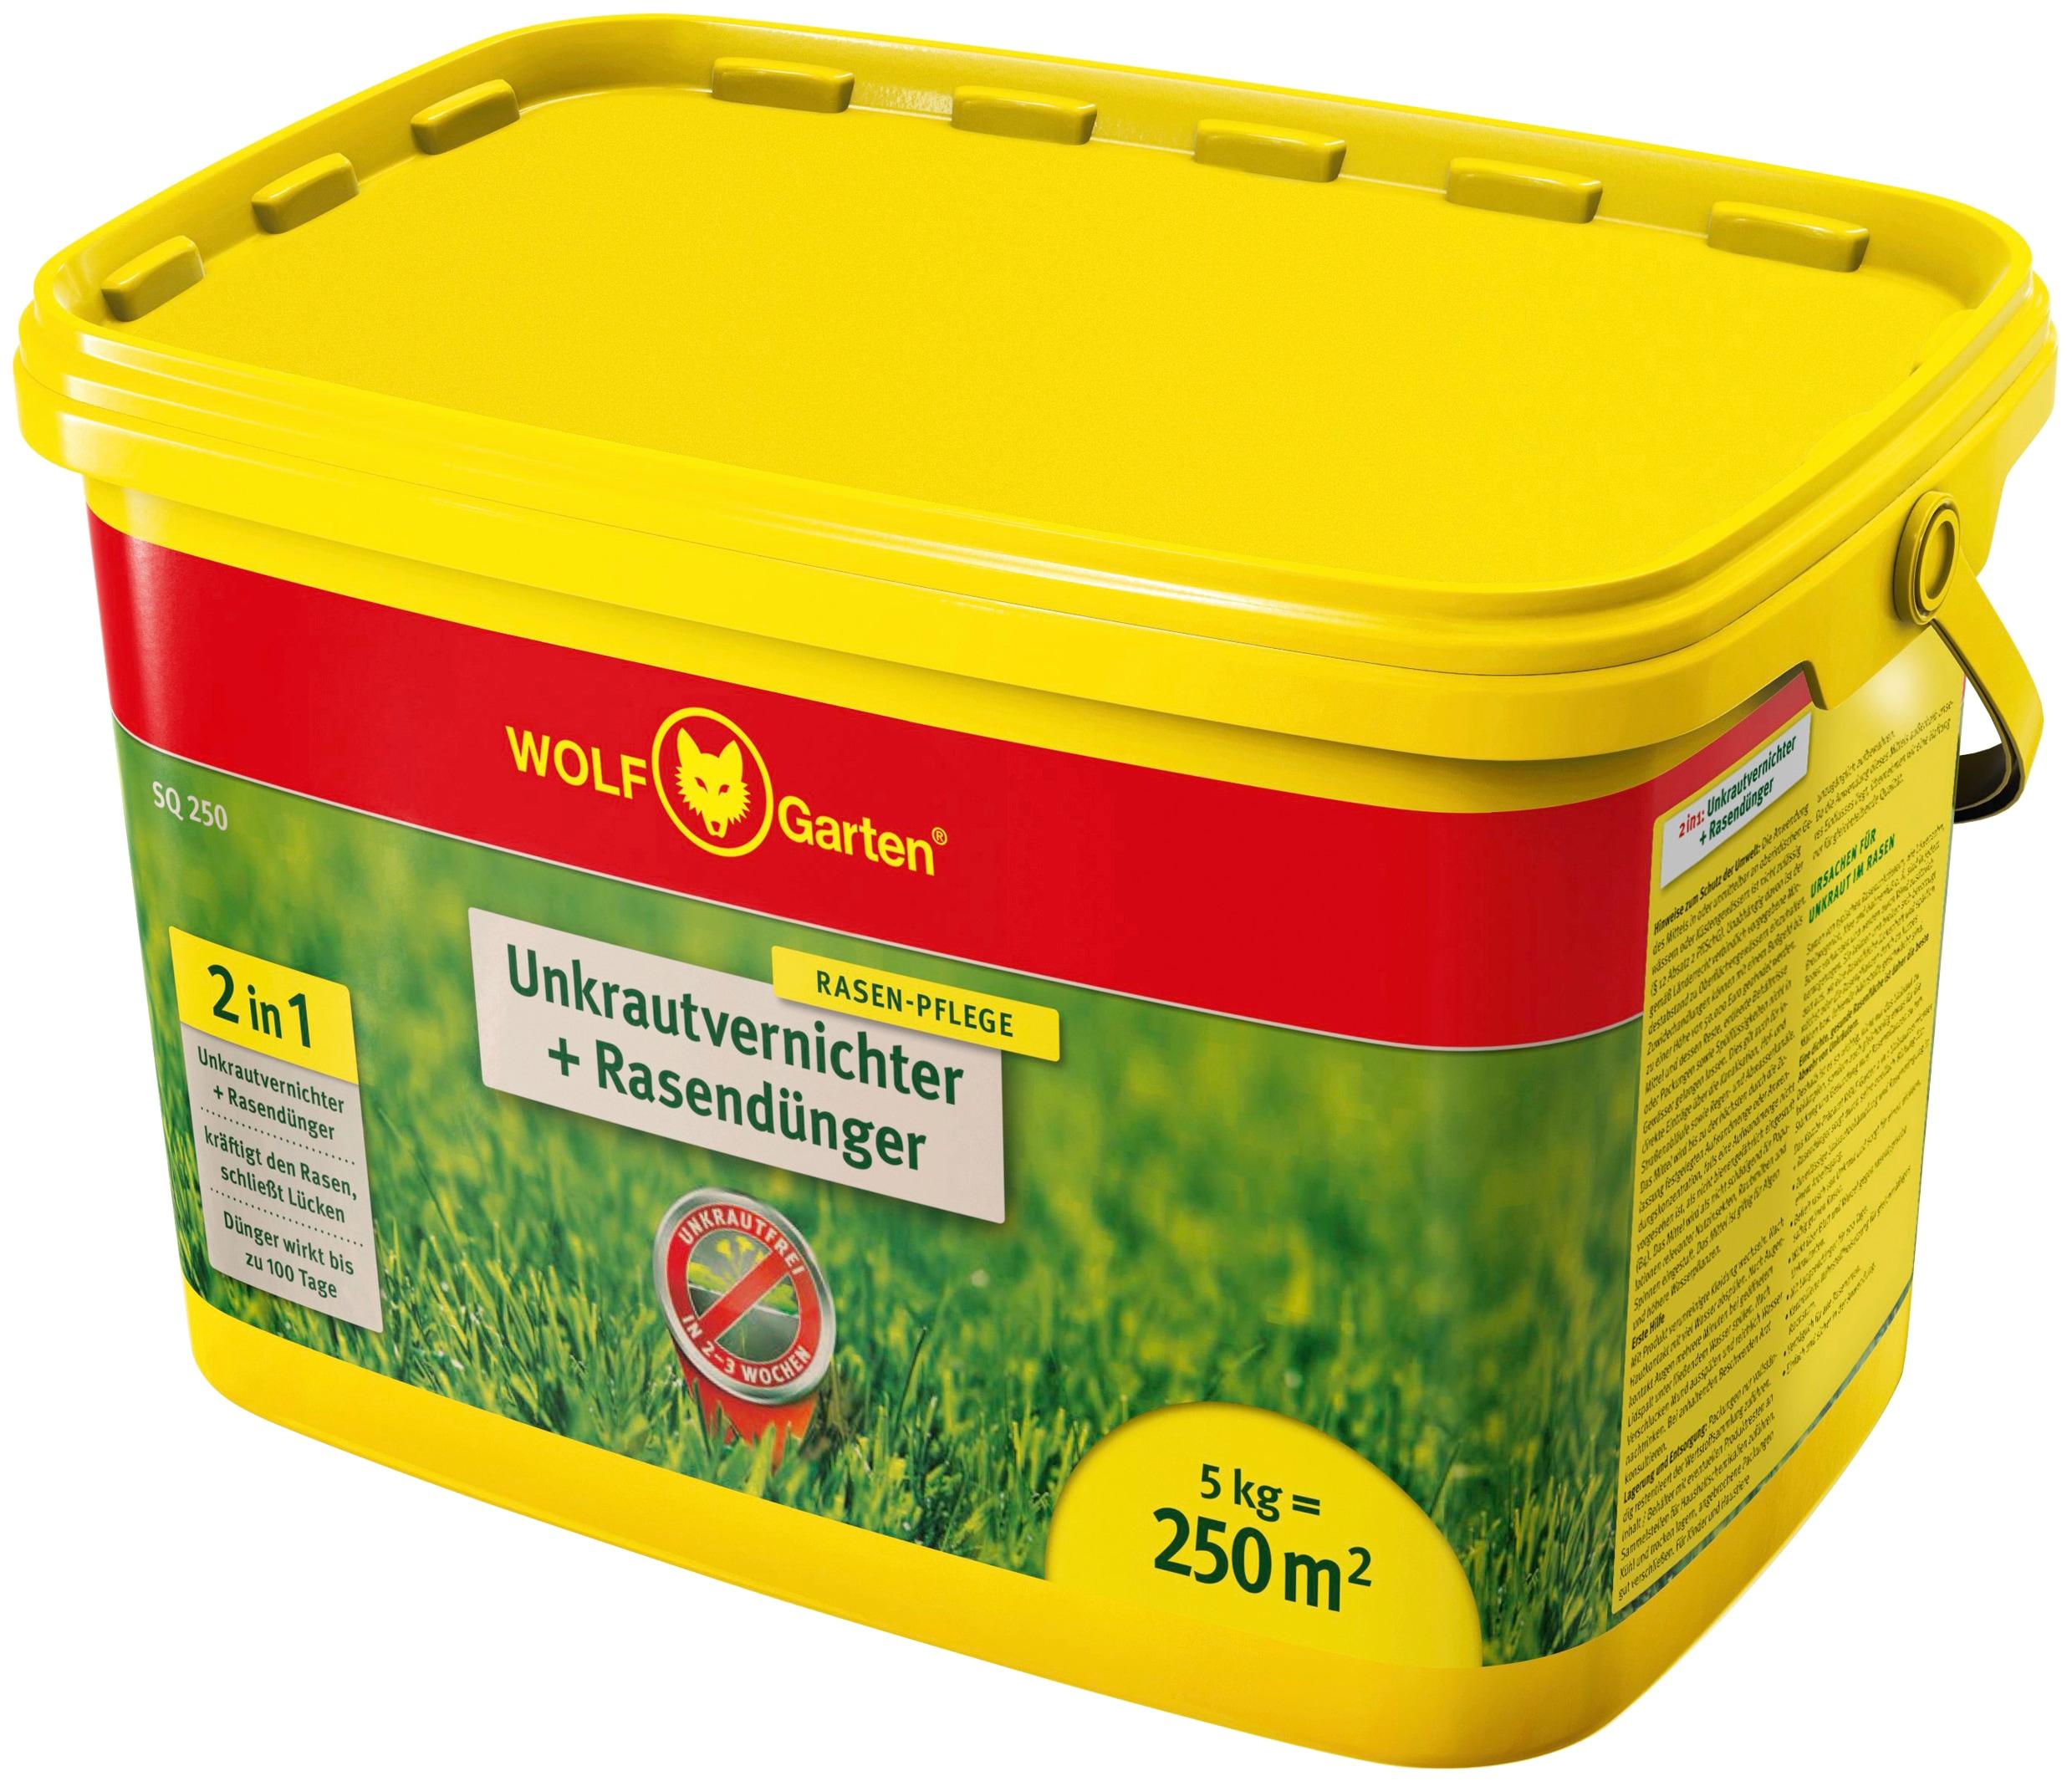 WOLF-Garten Rasendünger SQ 250 mit Unkrautvernichter, 5 kg mehrfarbig Zubehör Pflanzen Garten Balkon